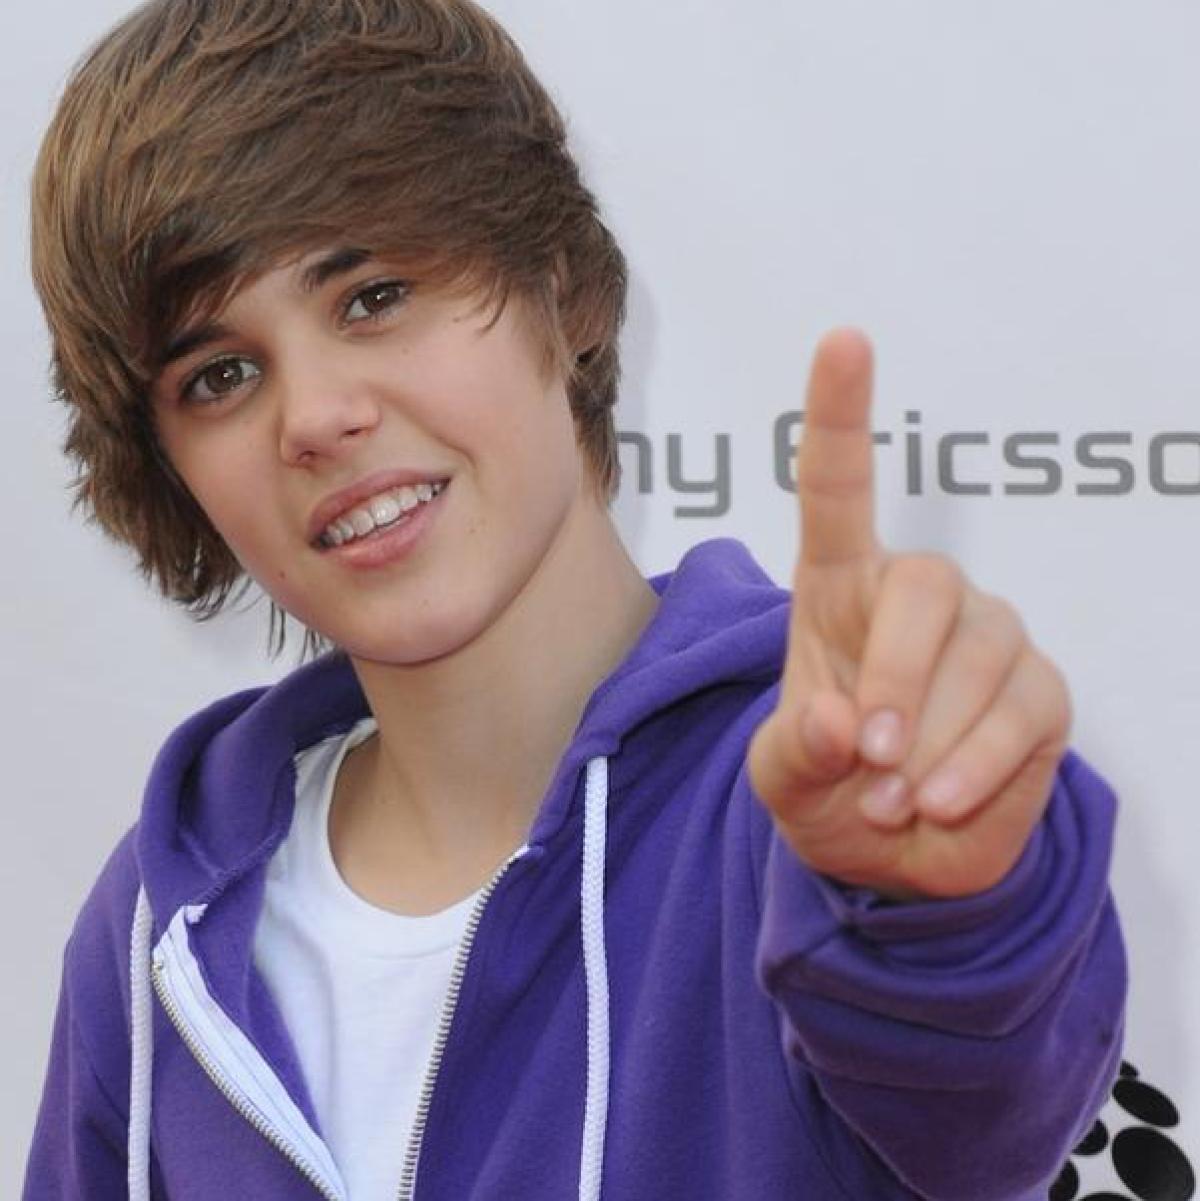 Justin Bieber: Ein Teenie-Star wird 18 - Promis, Kurioses, TV ...